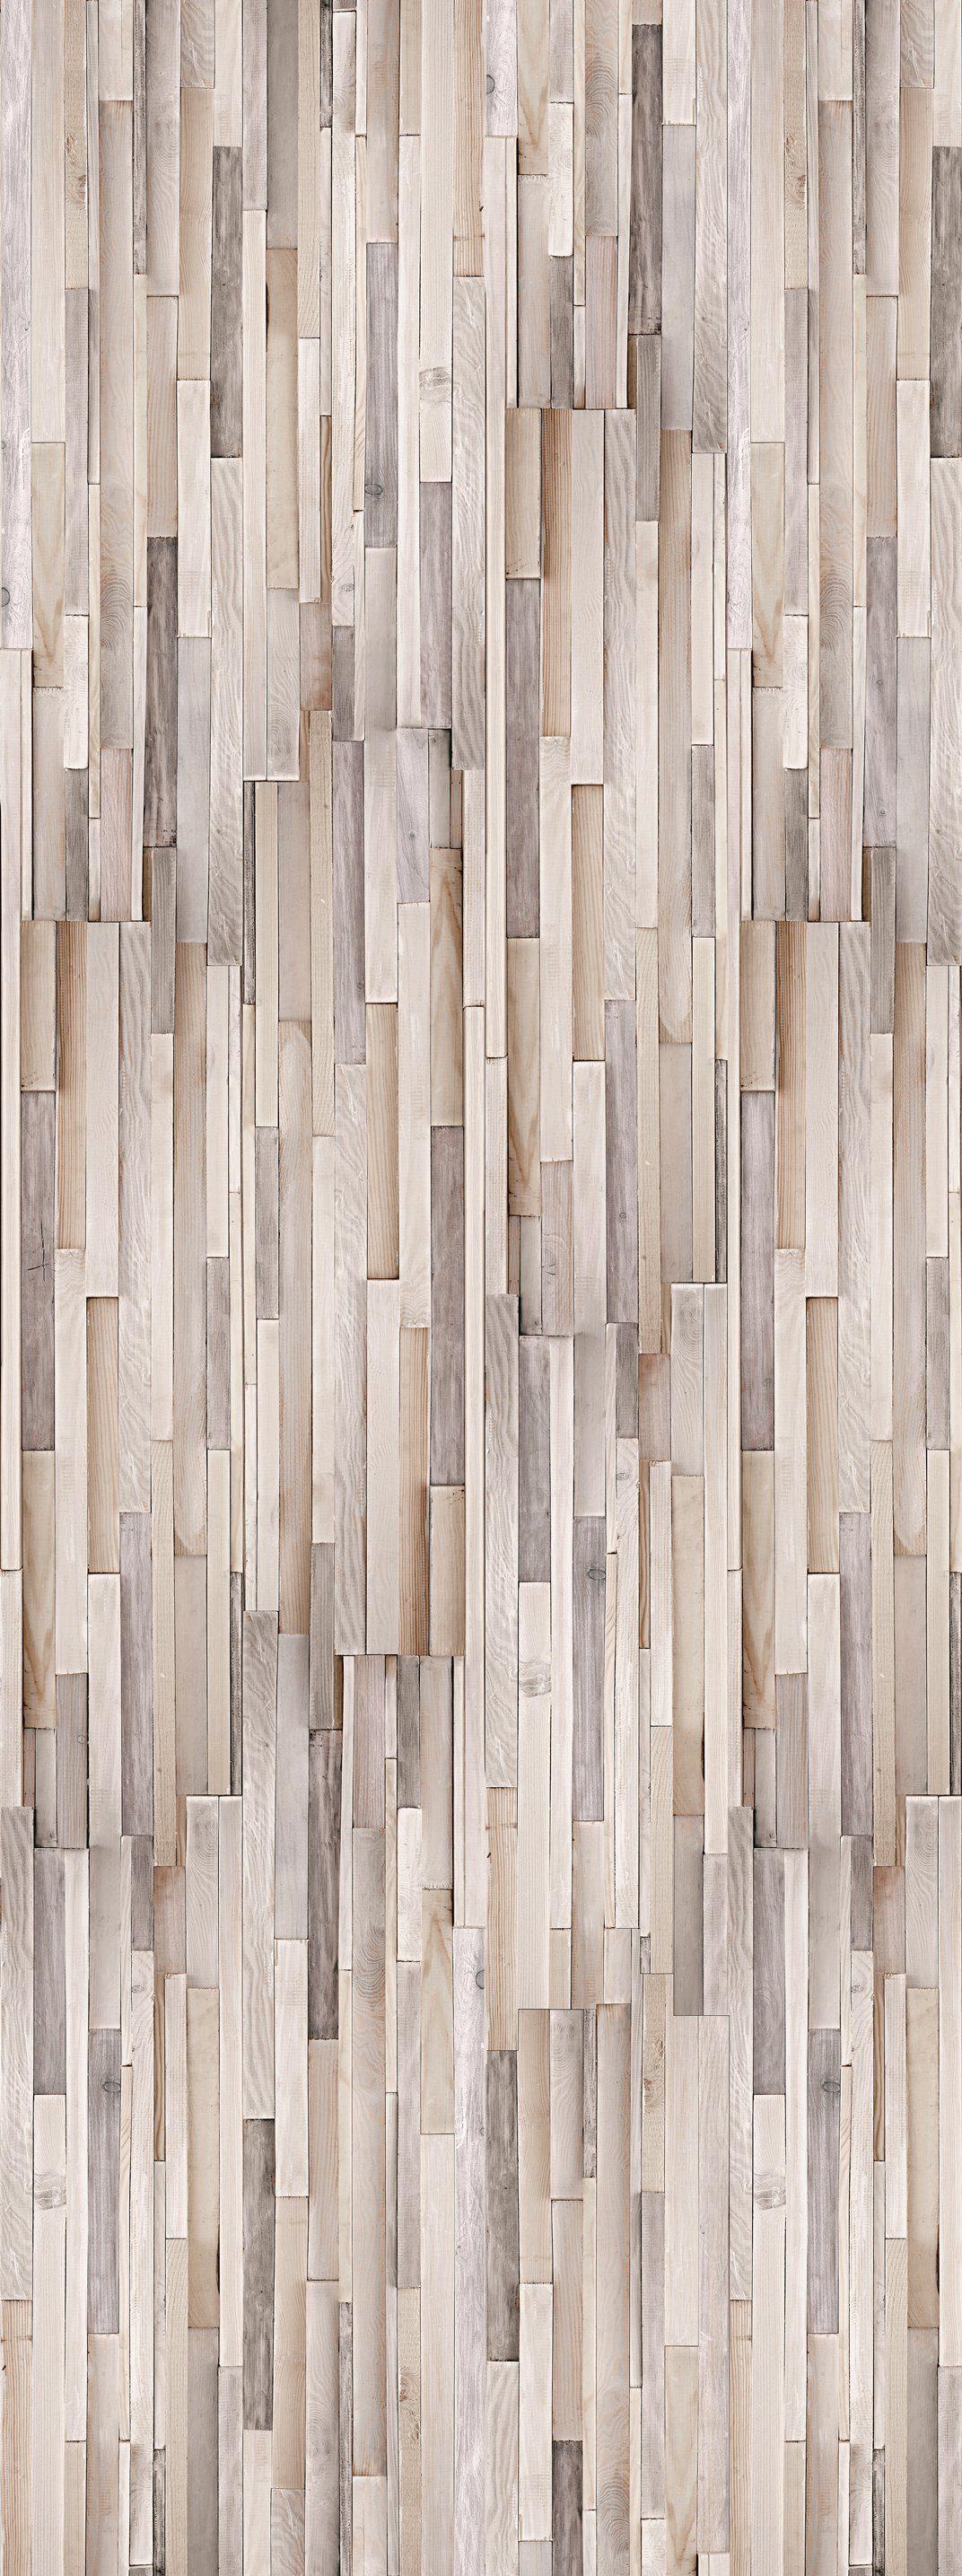 BAUKULIT Wandpaneel »MOTIVO Pezzo«, Glatt, 2,7 m²